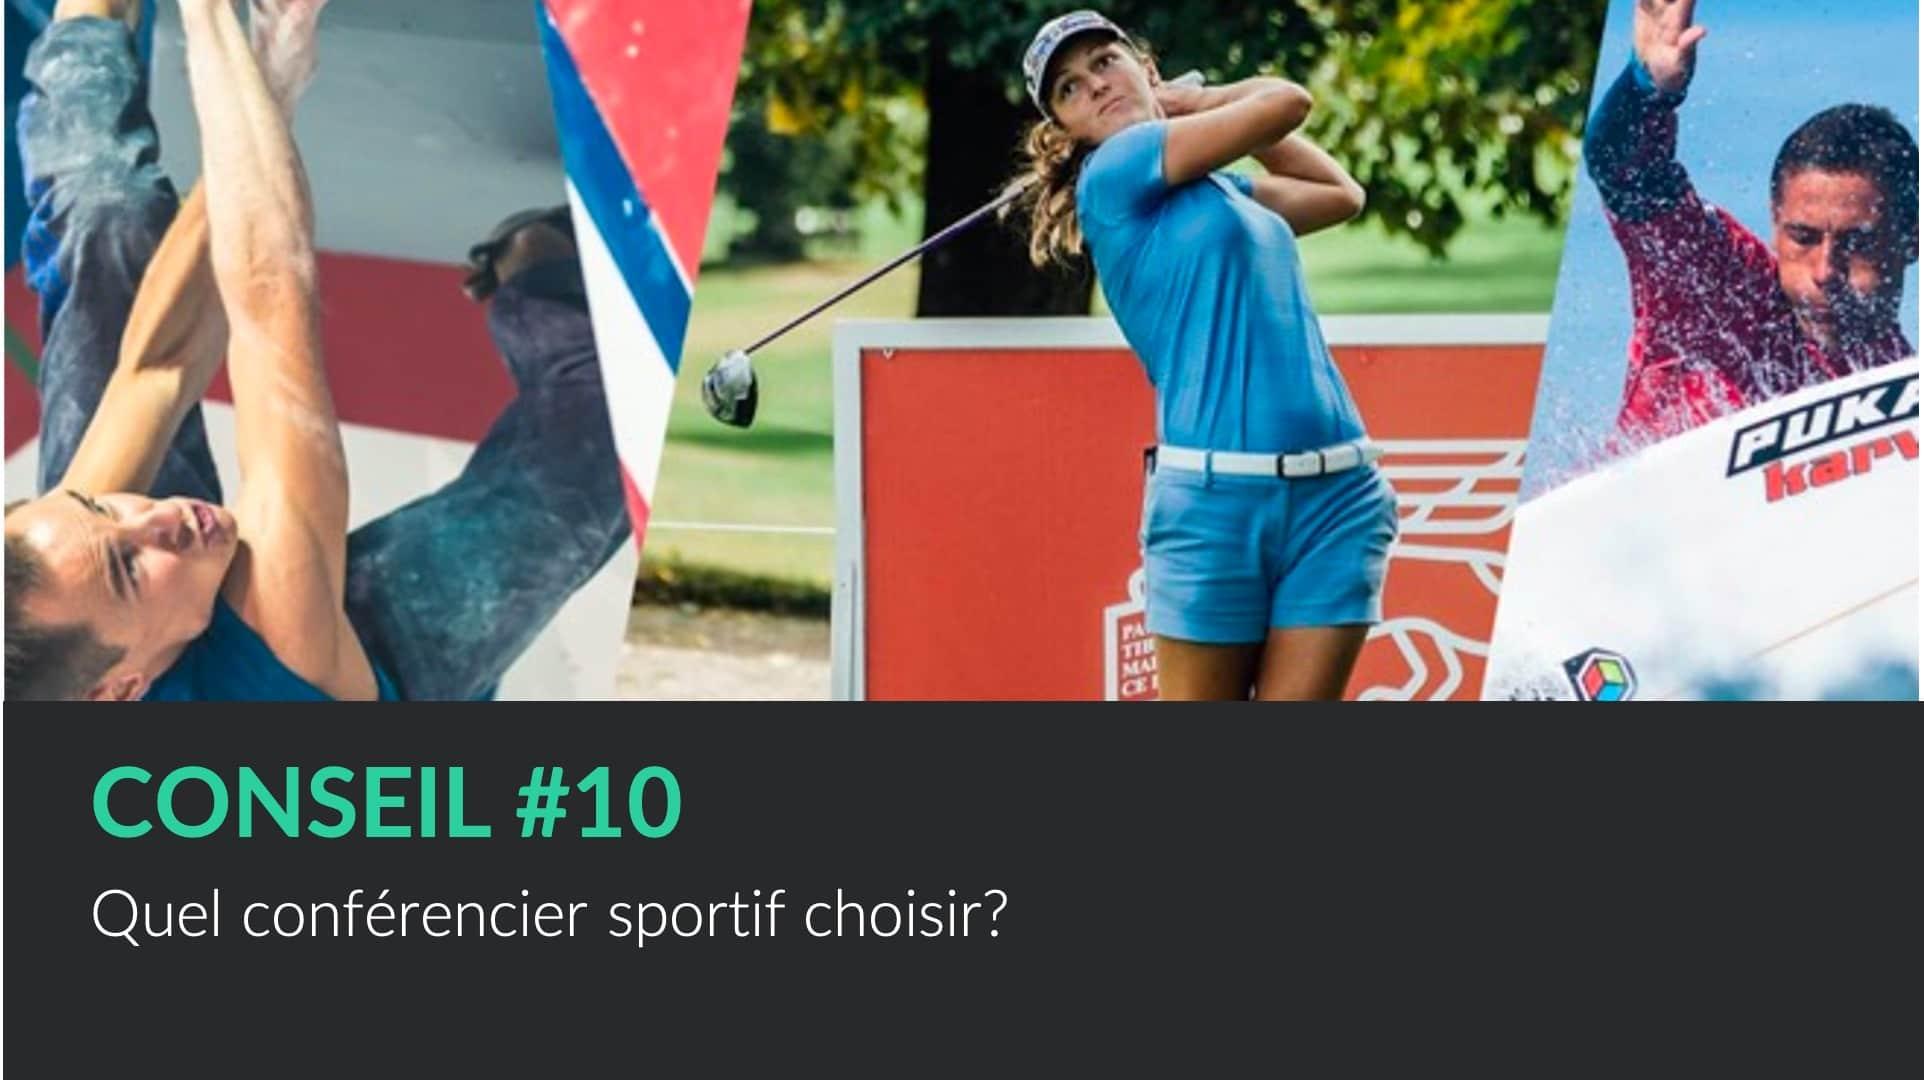 Choisir un conférencier sportif